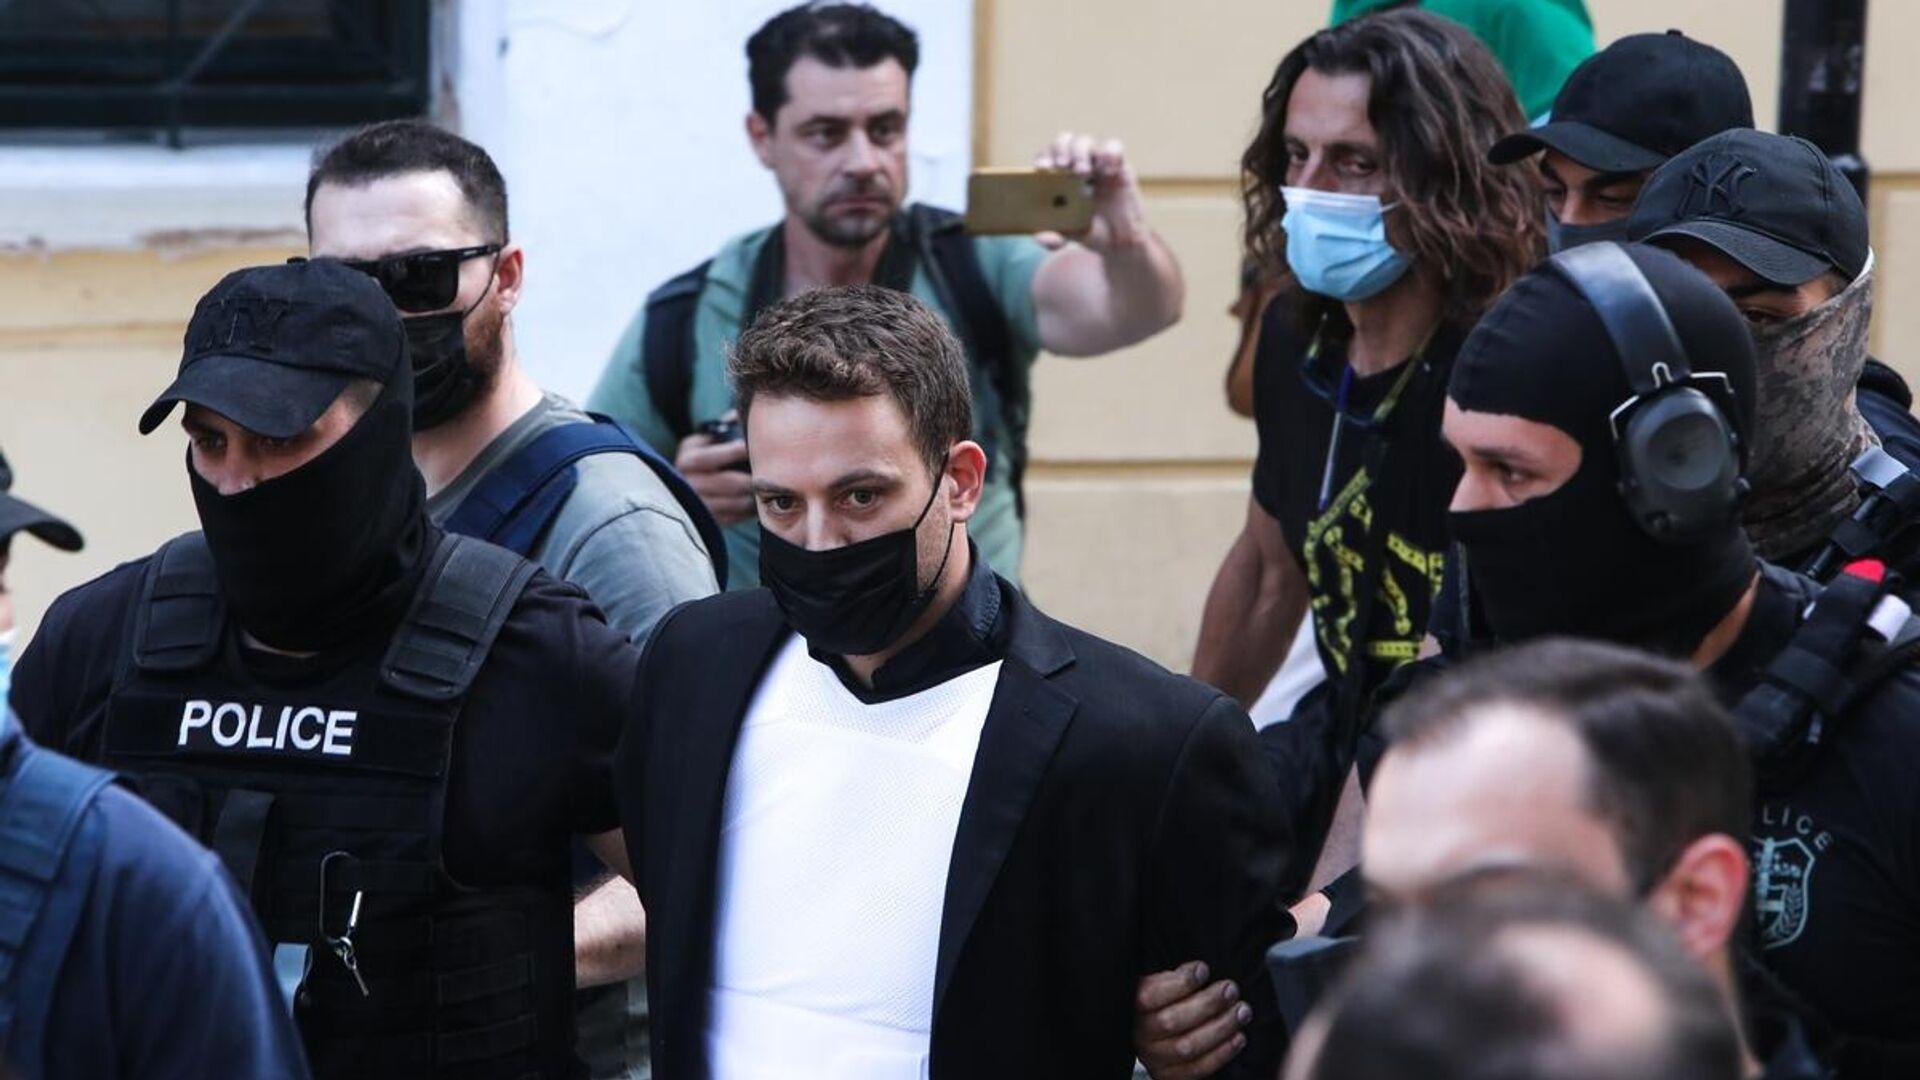 Στον εισαγγελέα ο 32χρονος πιλότος για τη δολοφονία της Καρολάιν στα Γλυκά Νερά - Sputnik Ελλάδα, 1920, 30.07.2021